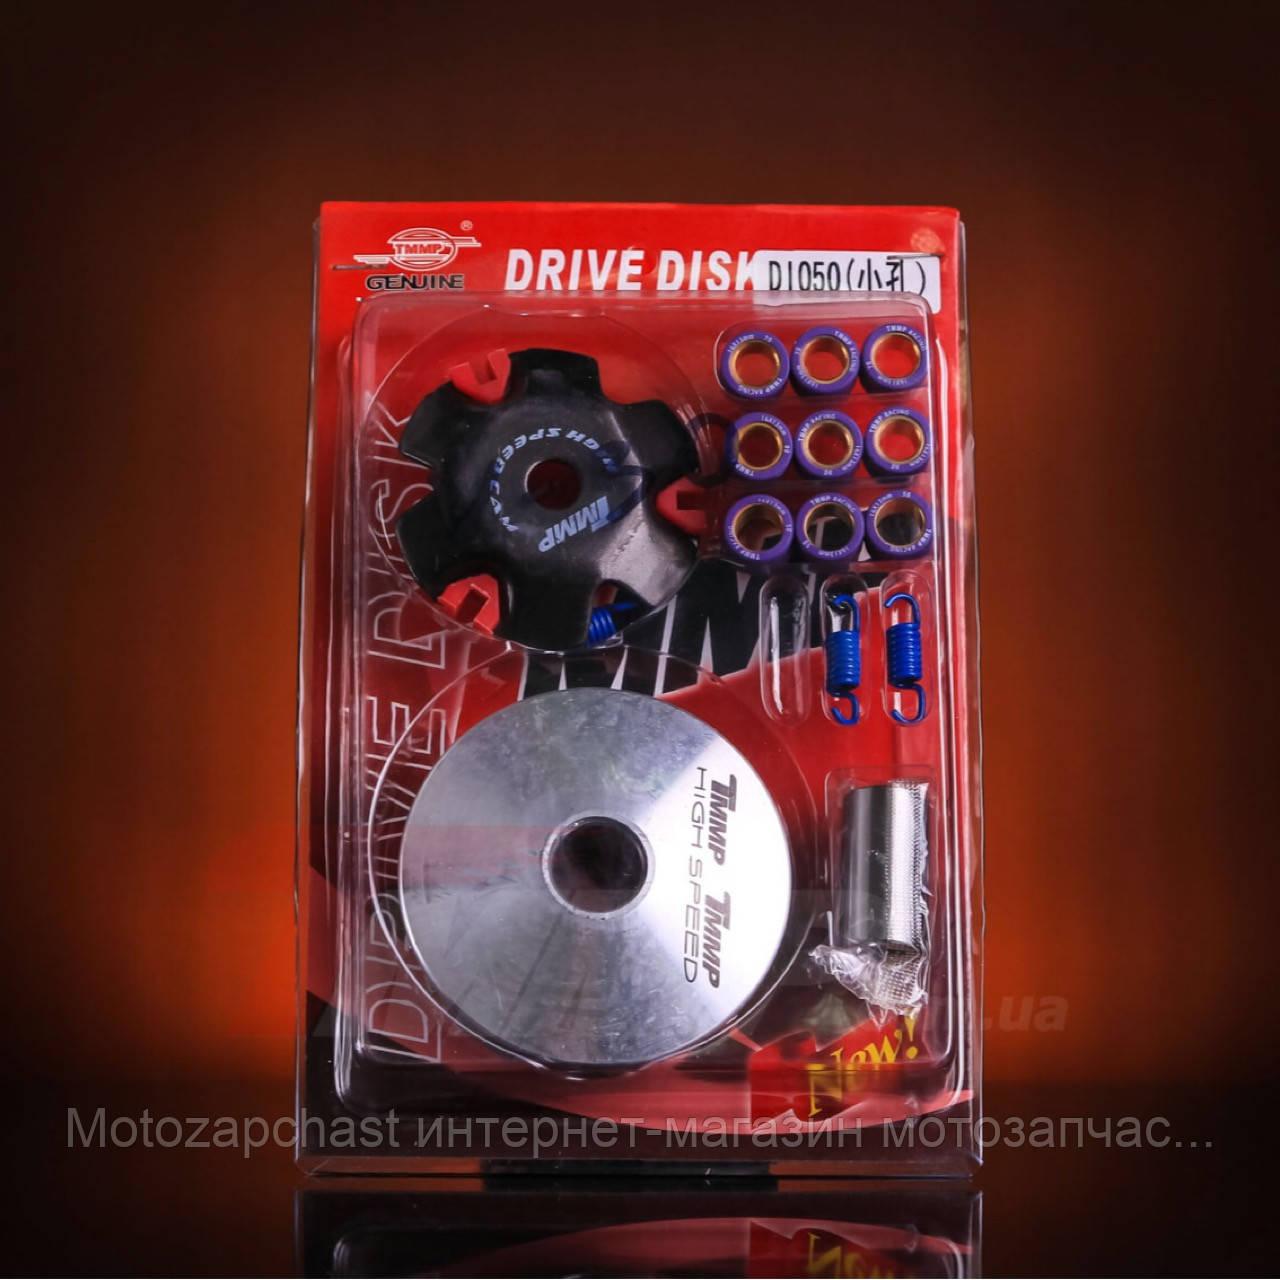 Вариатор передний тюнинг Honda Dio AF-18 - «Motozapchast» интернет-магазин мотозапчастей в Харькове